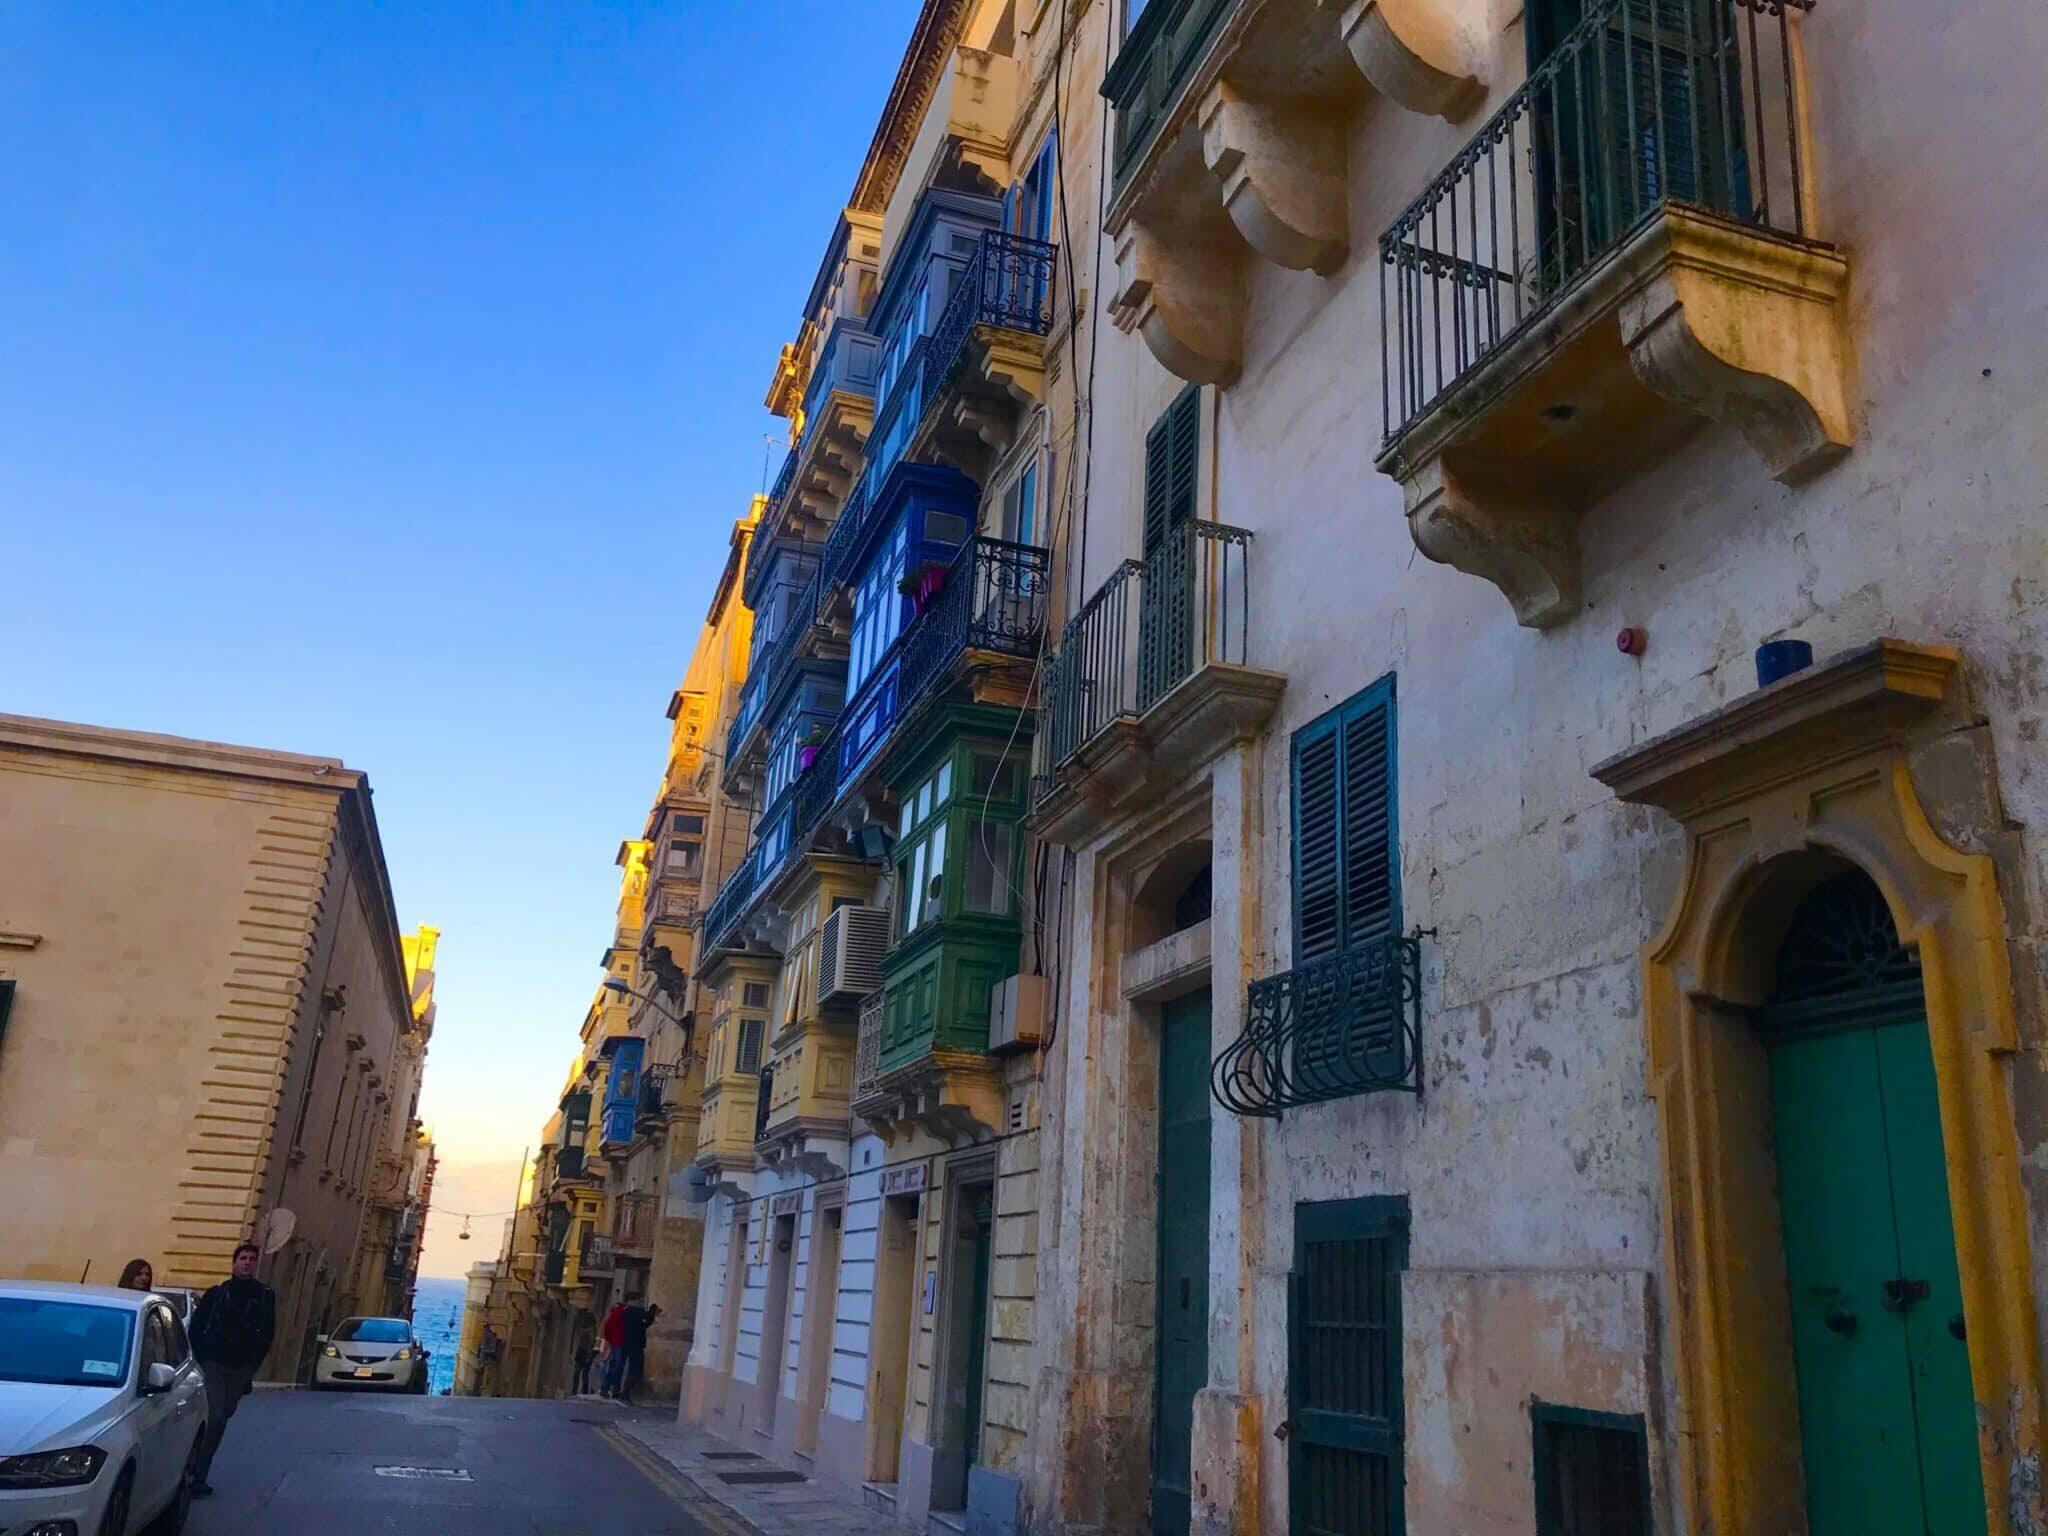 Valetta, Malta Travel January 2020